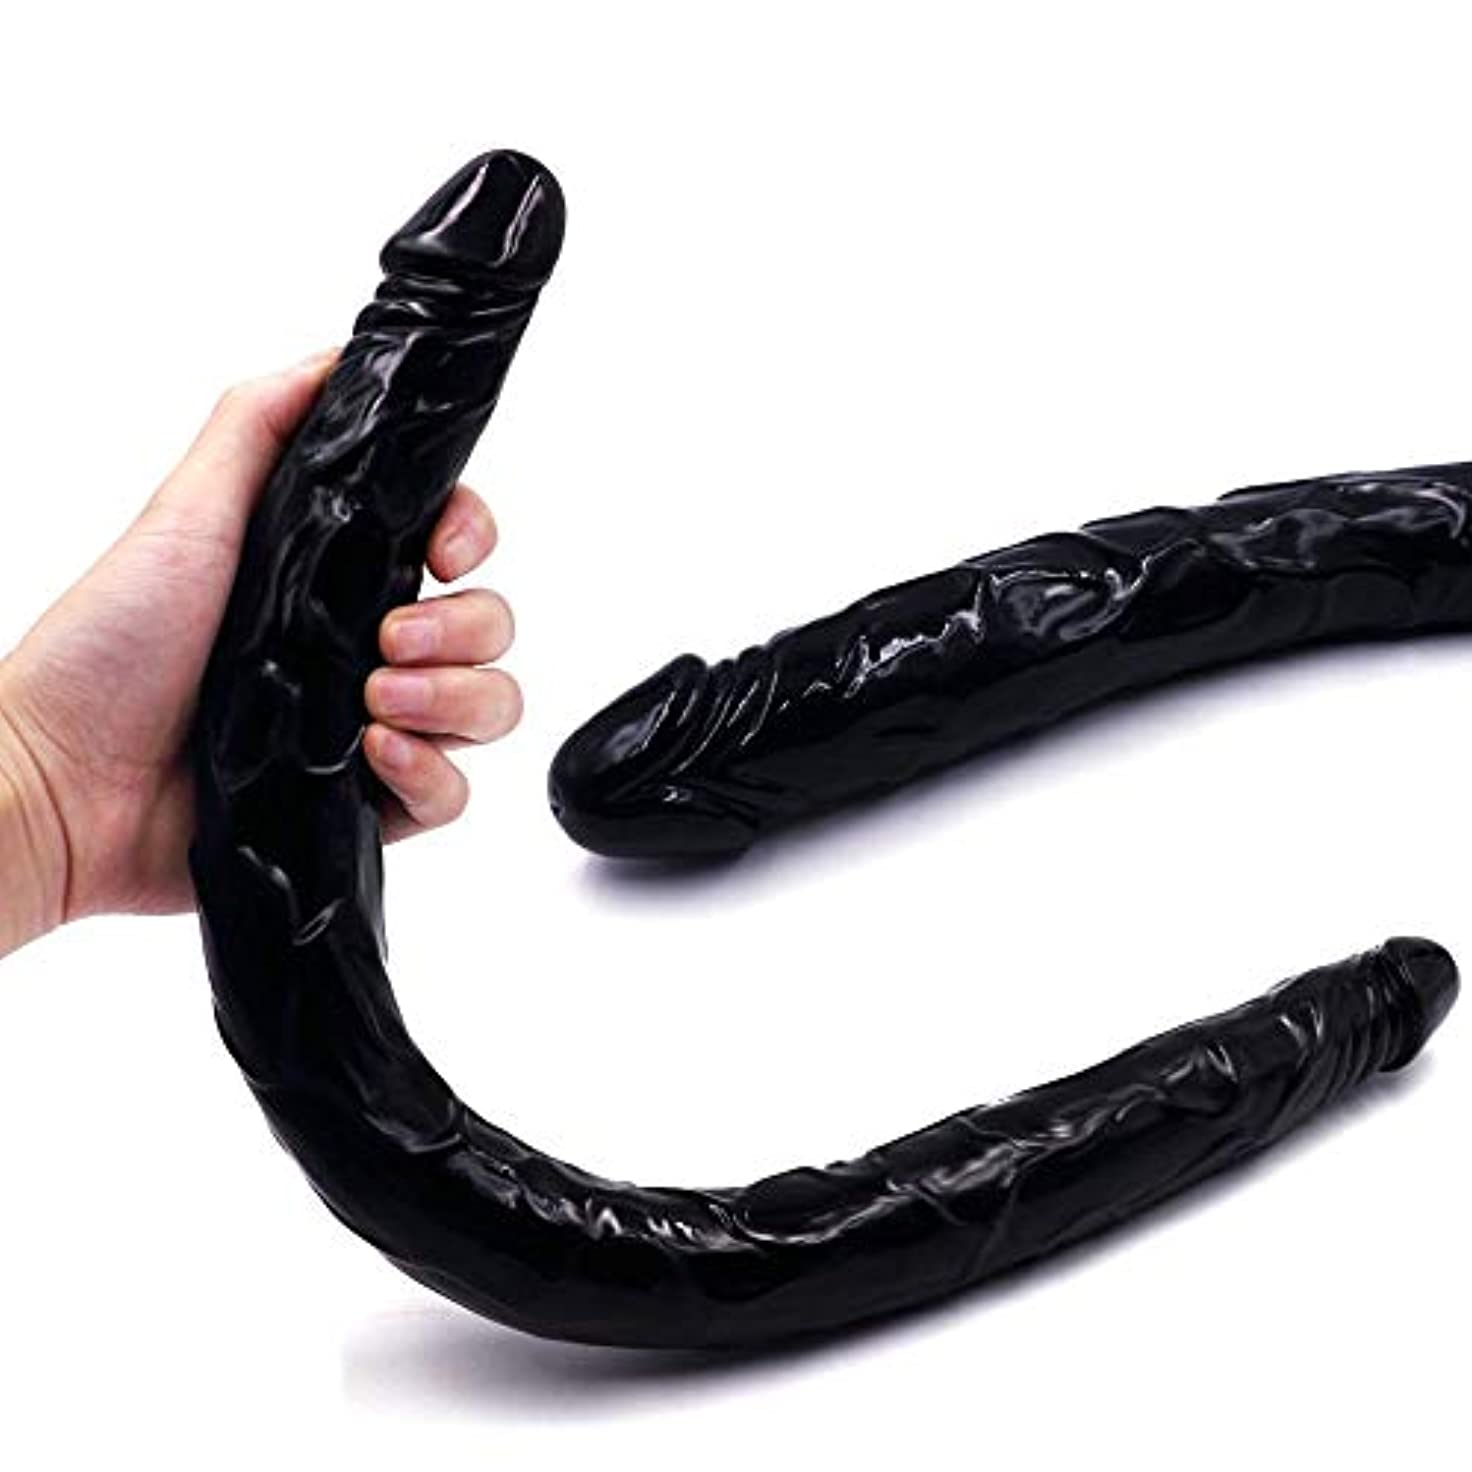 微弱ぼかしトラブルペニス 21.56インチの超長い二重ヘッドボディは女性のためのマッサージャーの大きいマッサージの細い棒のおもちゃを緩めます マッサージャー